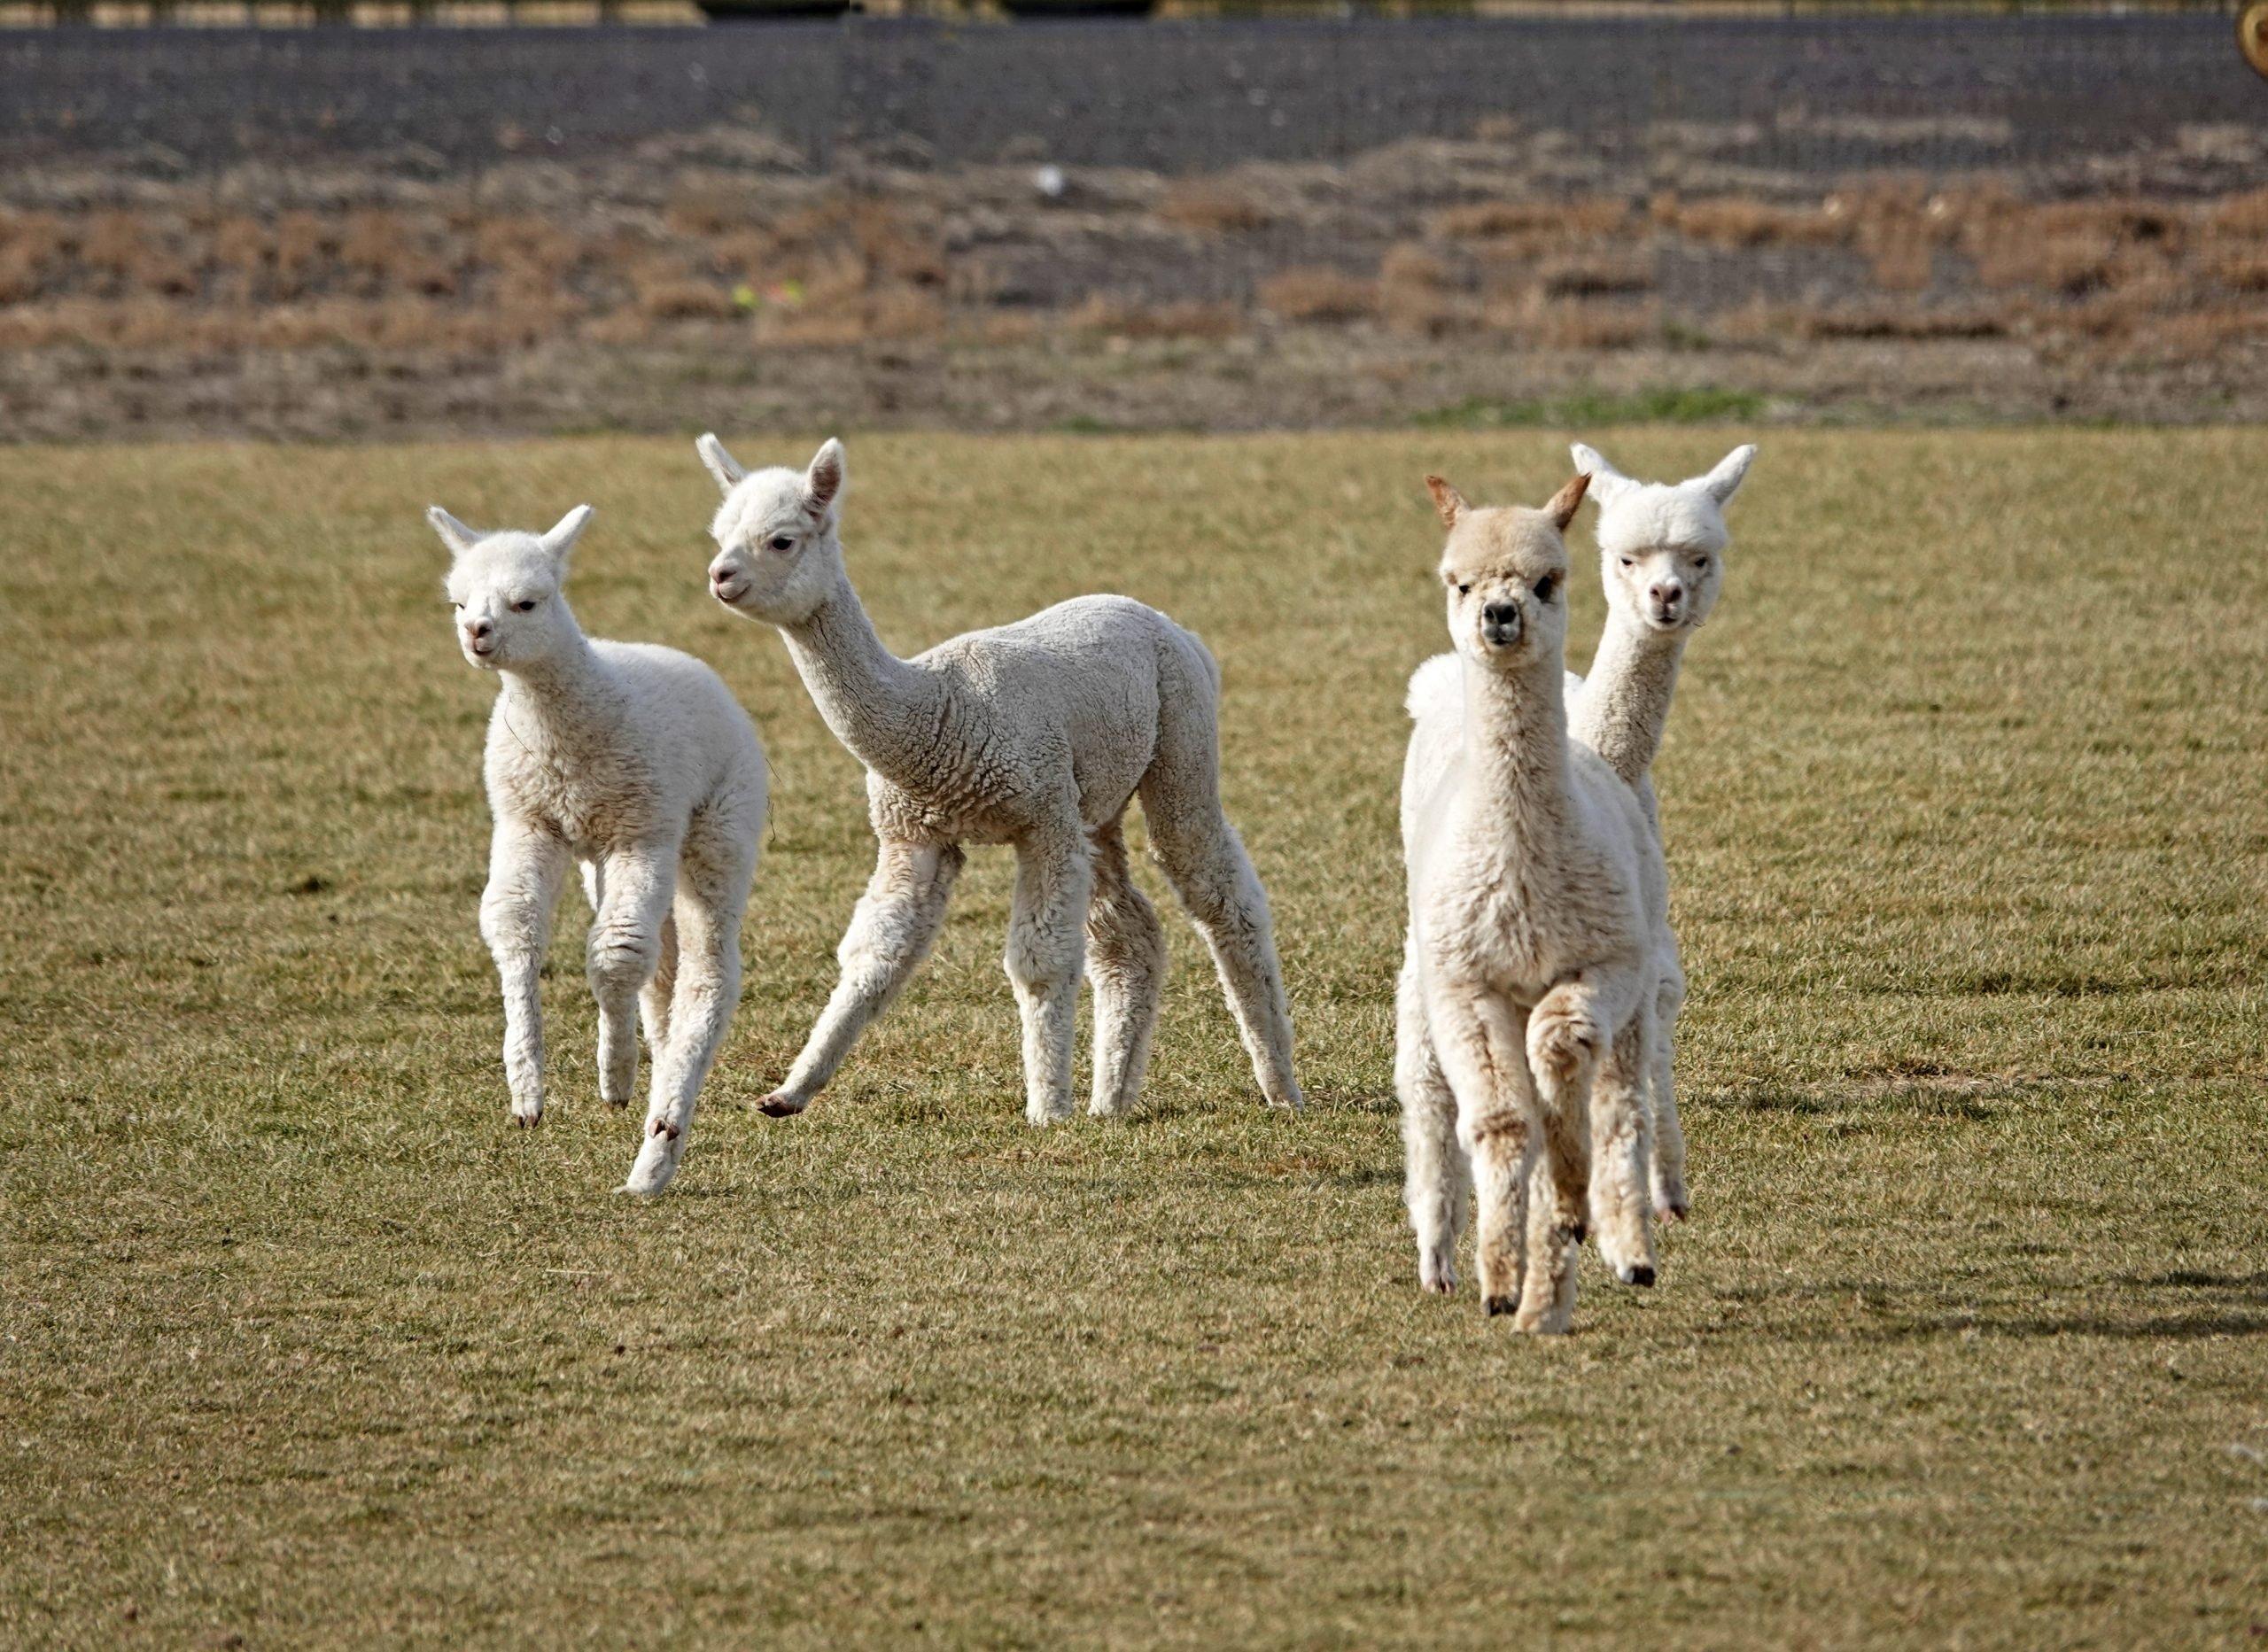 Suri Alpacas In A Pasture